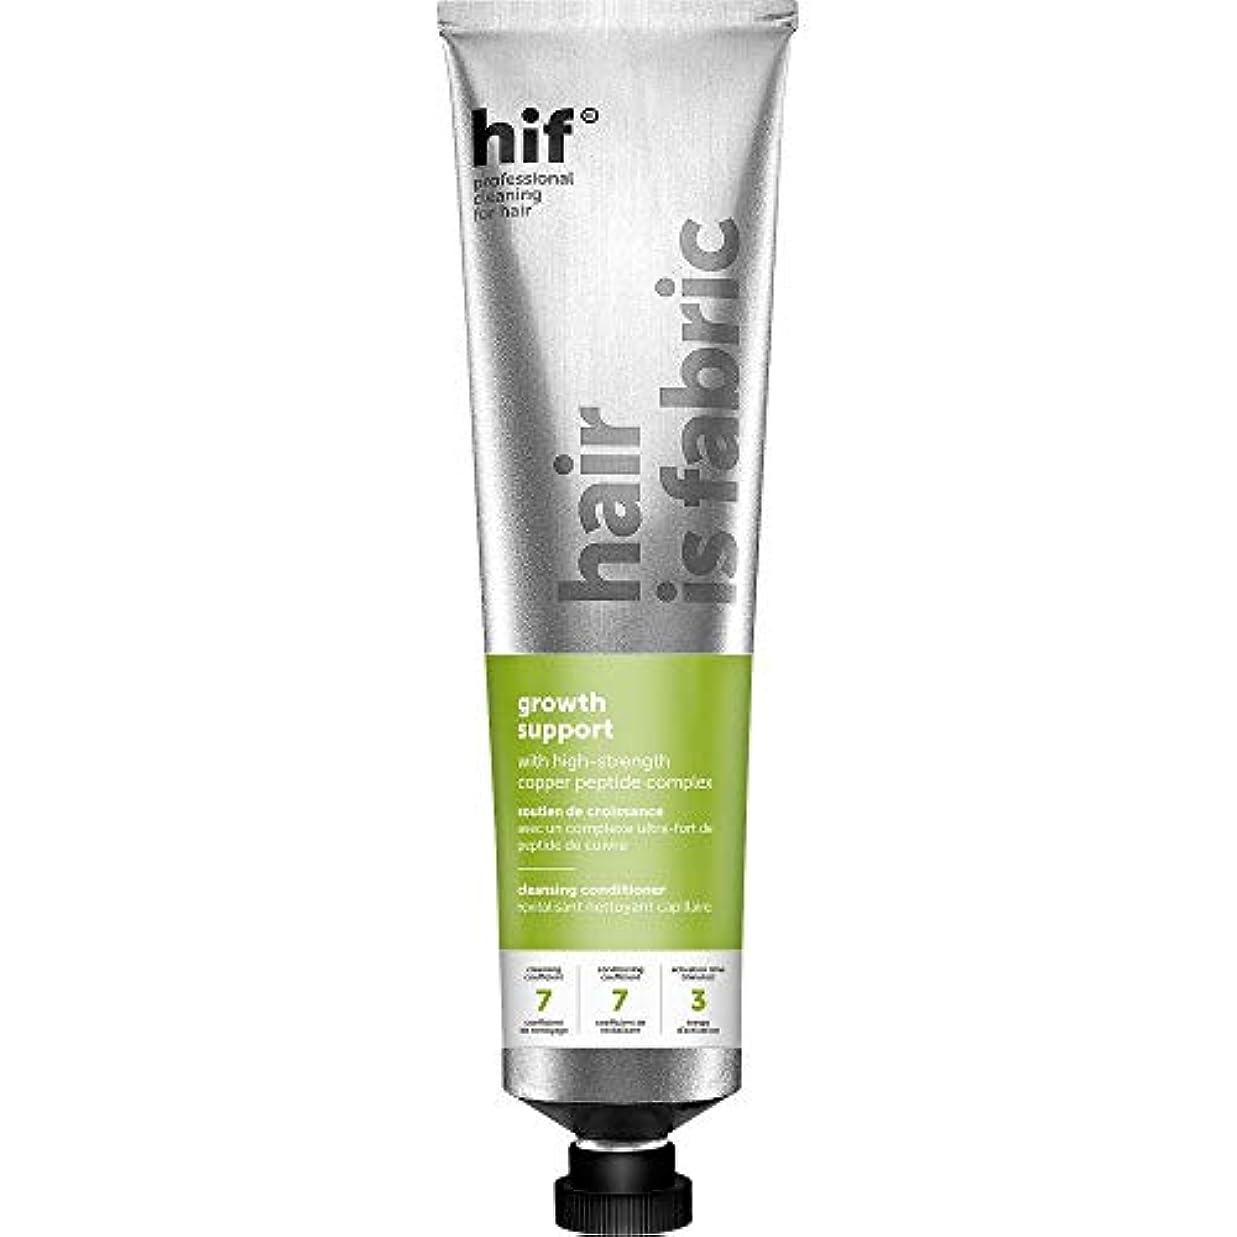 夏休暇冒険家[HIF] Hif成長支援クレンジングコンディショナー180ミリリットル - HIF Growth Support Cleansing Conditioner 180ml [並行輸入品]